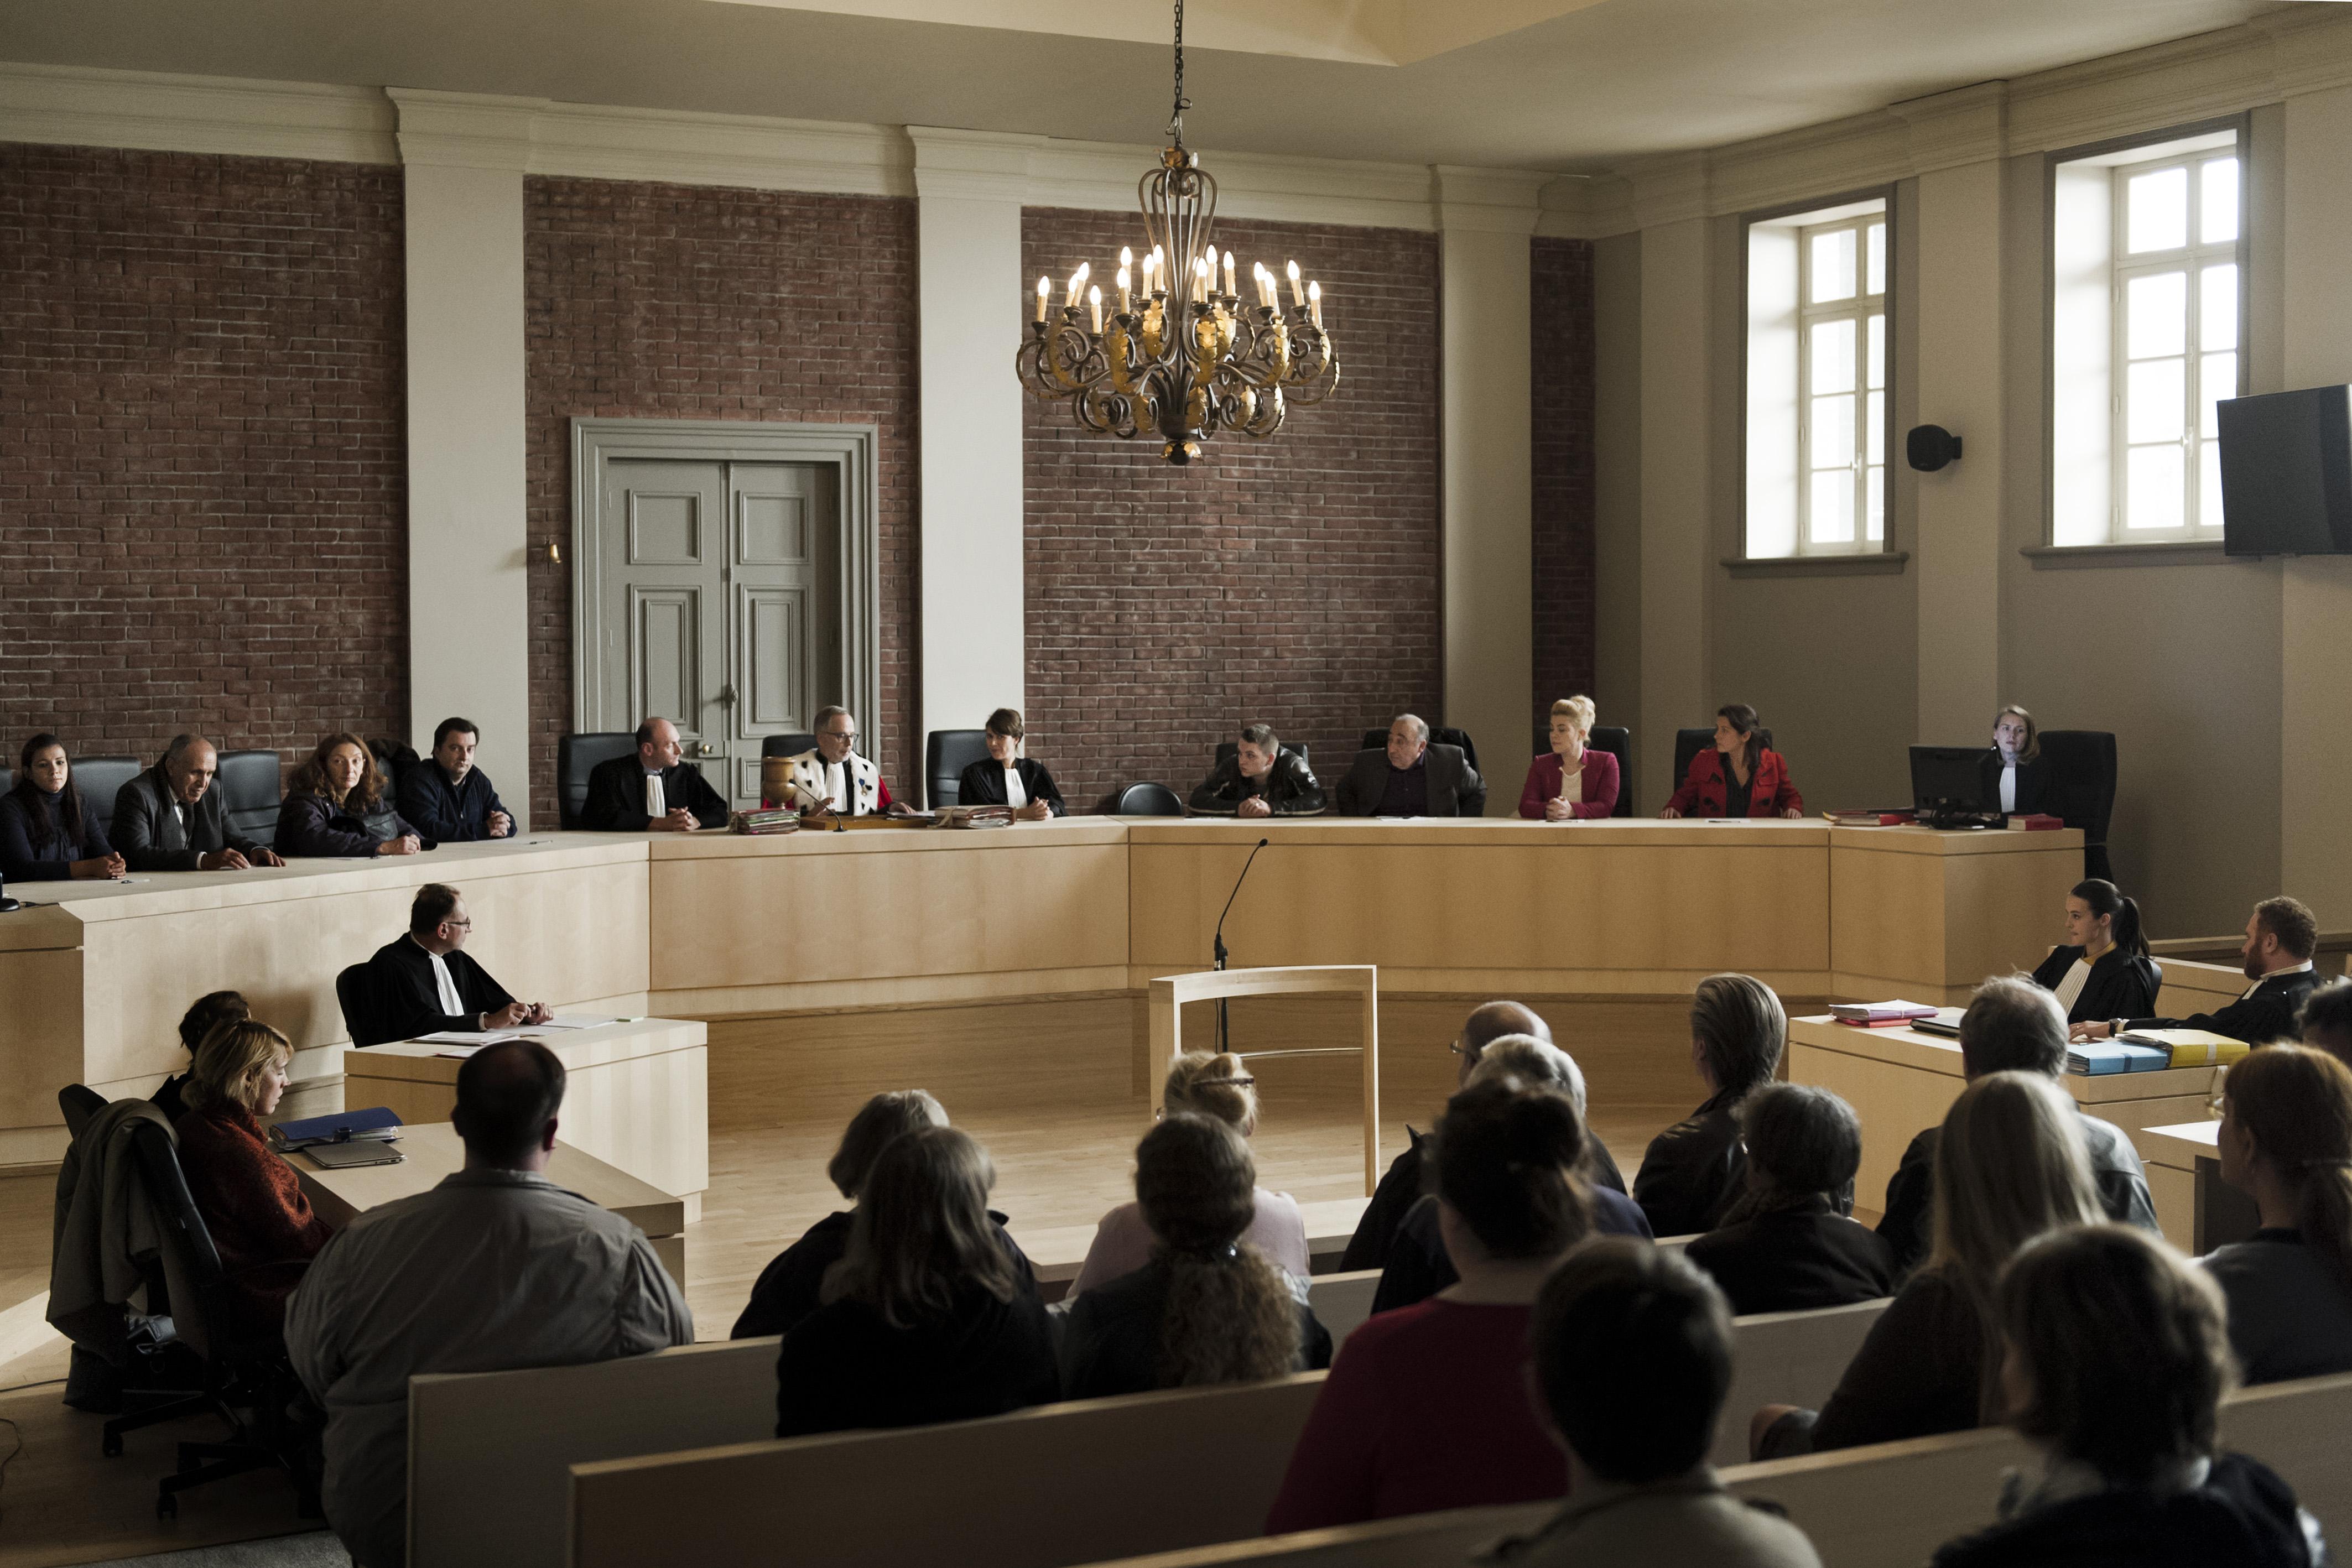 Filmska srečanja ob kavi: pogovor po projekciji filma Gospod sodnik